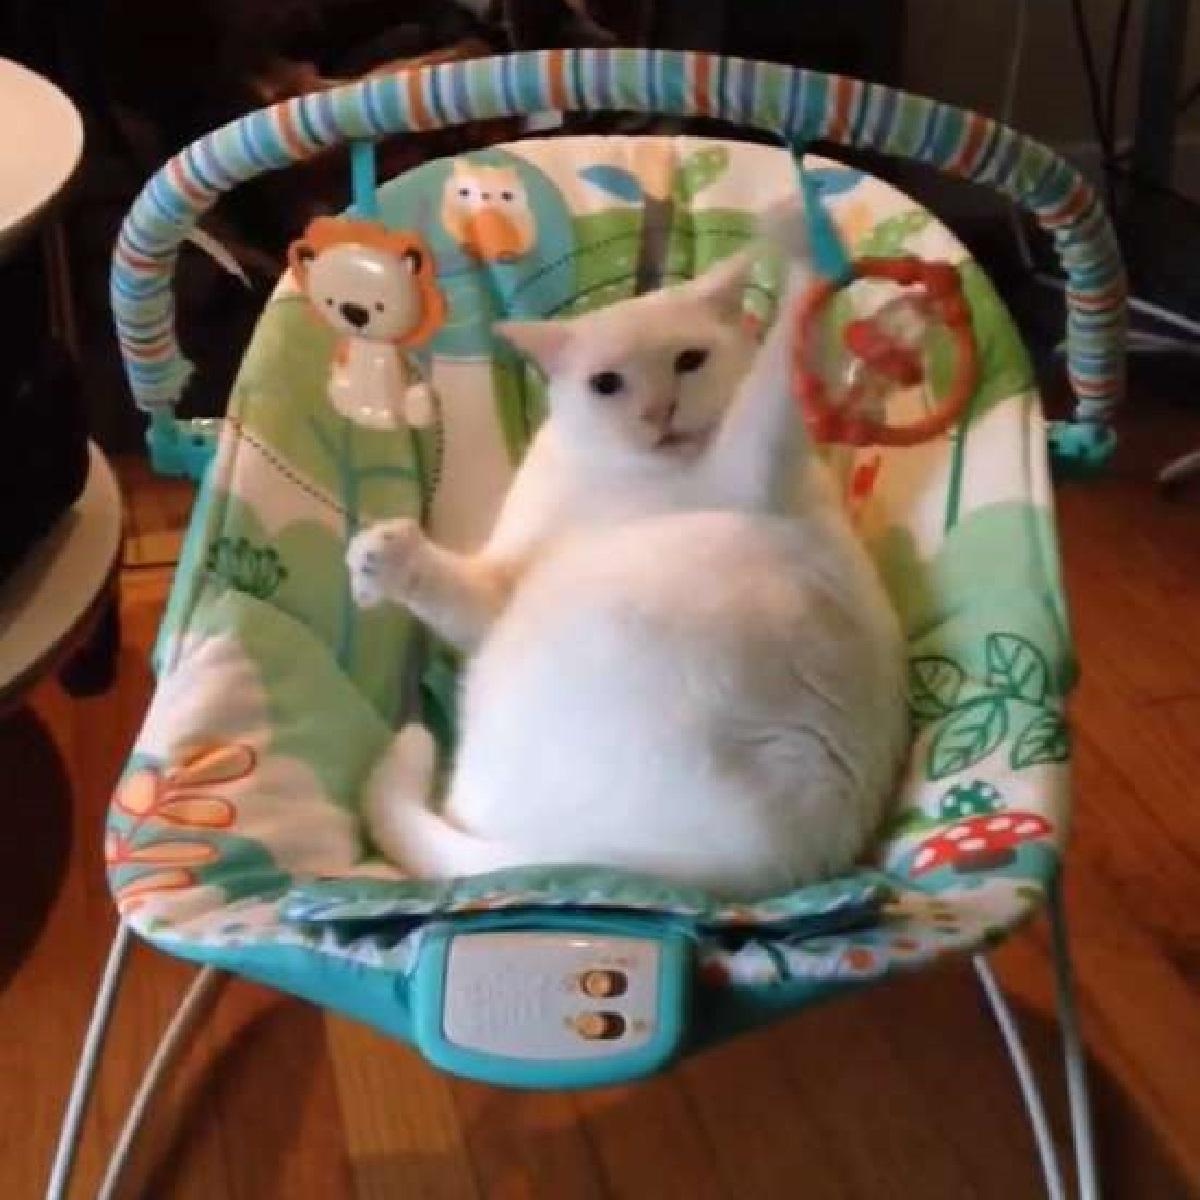 blanquita gatta divertimento assicurato